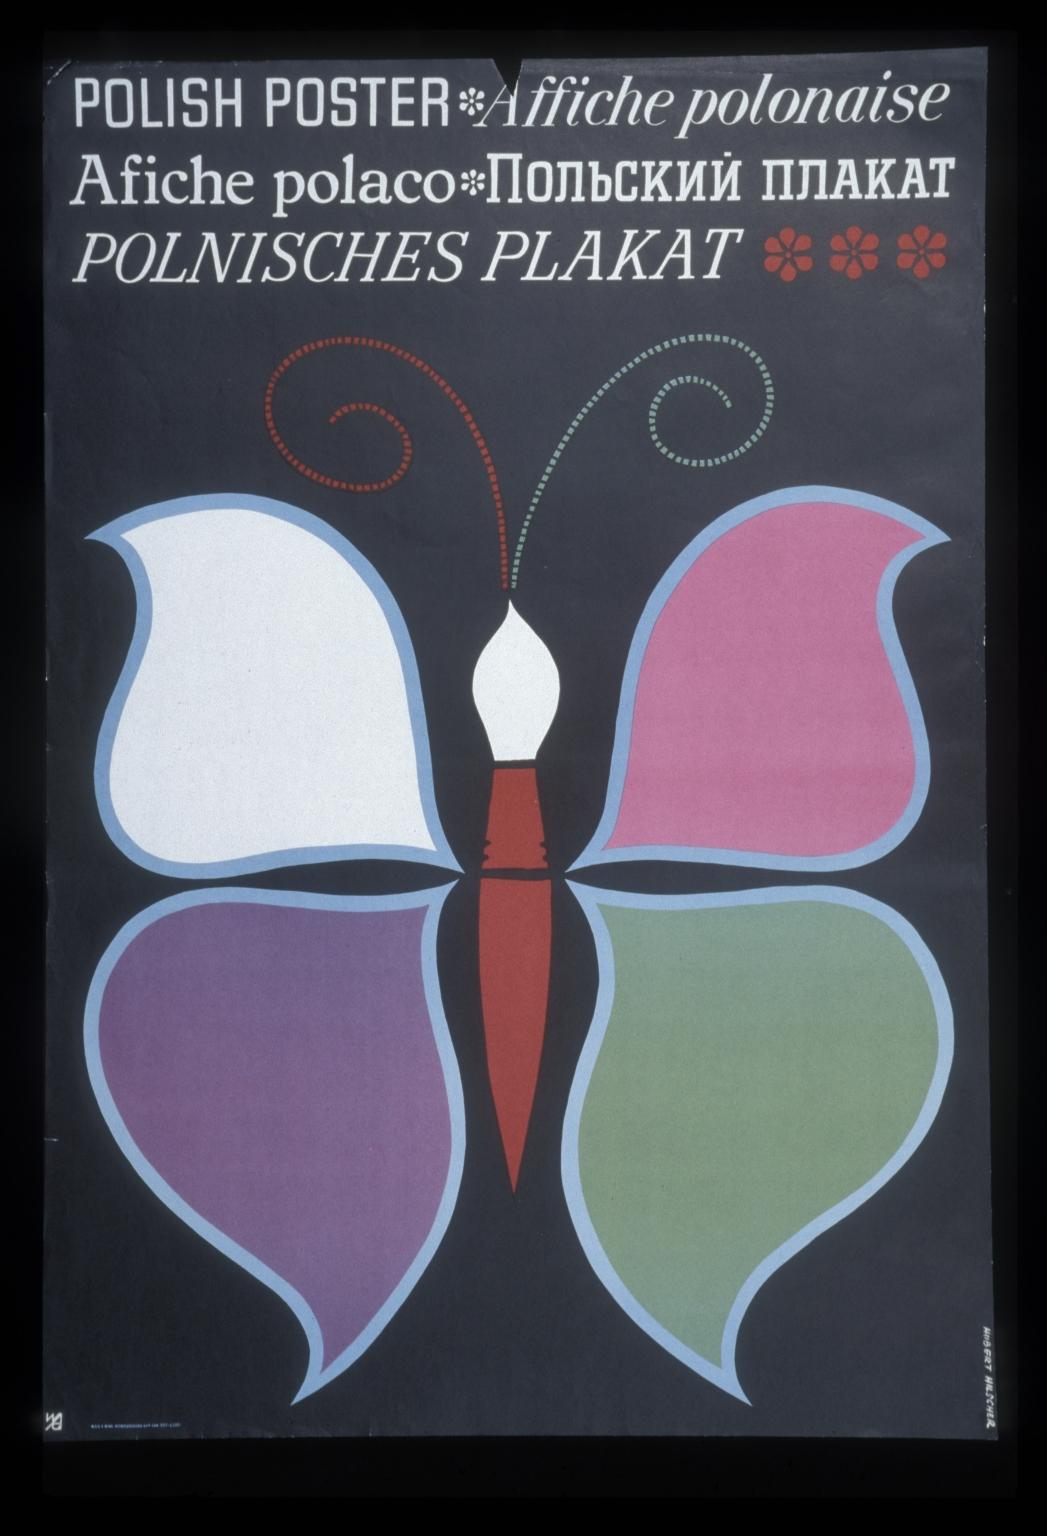 Polish poster: Affiche polonaise = Afiche polaco = Polskii plakat = Polnisches Plakat